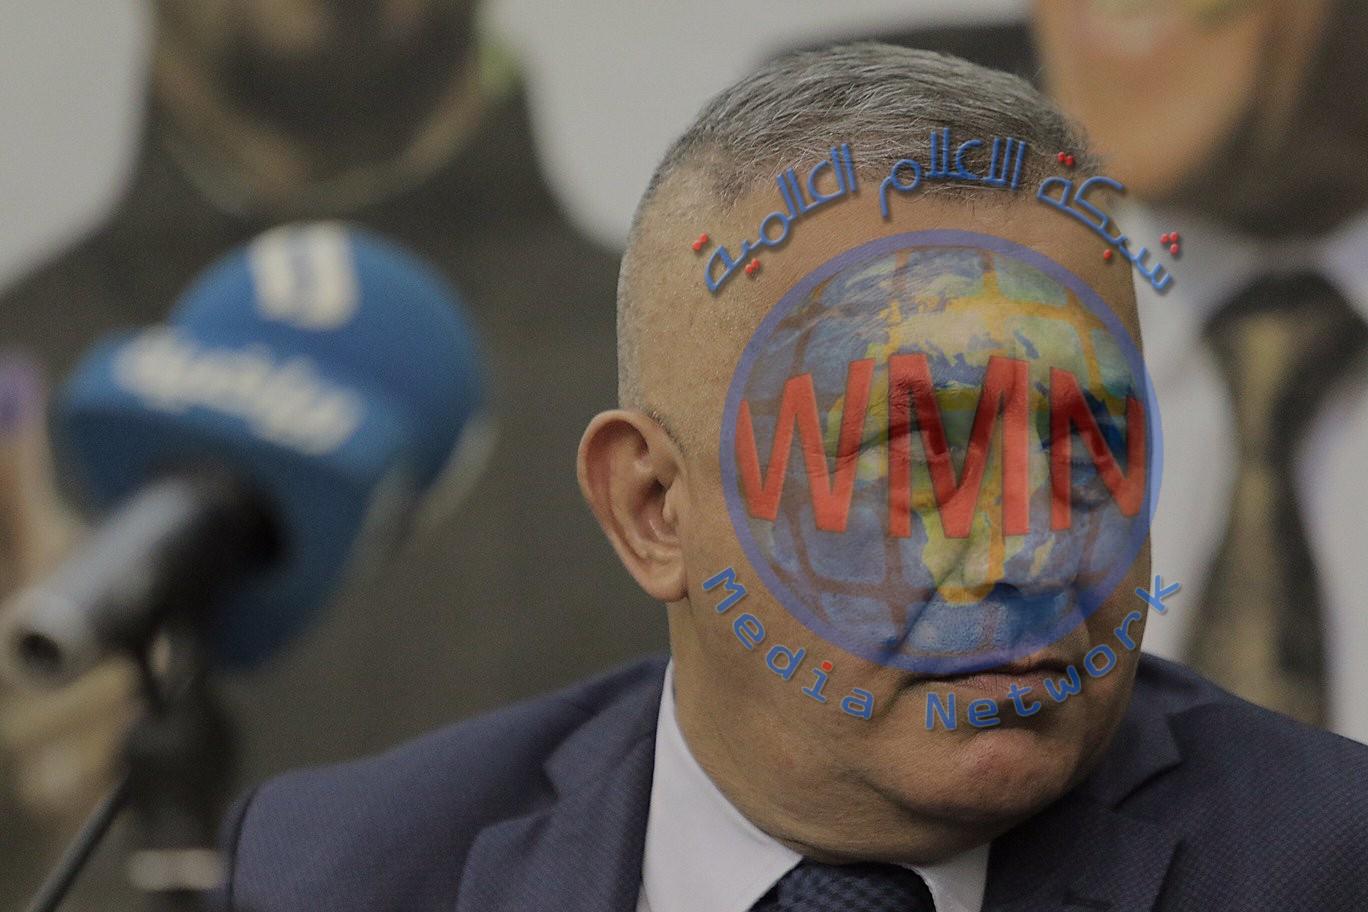 اياد بنيان يكشف سبب إلغاء الدوري ويحدد مصير كاتانيتش